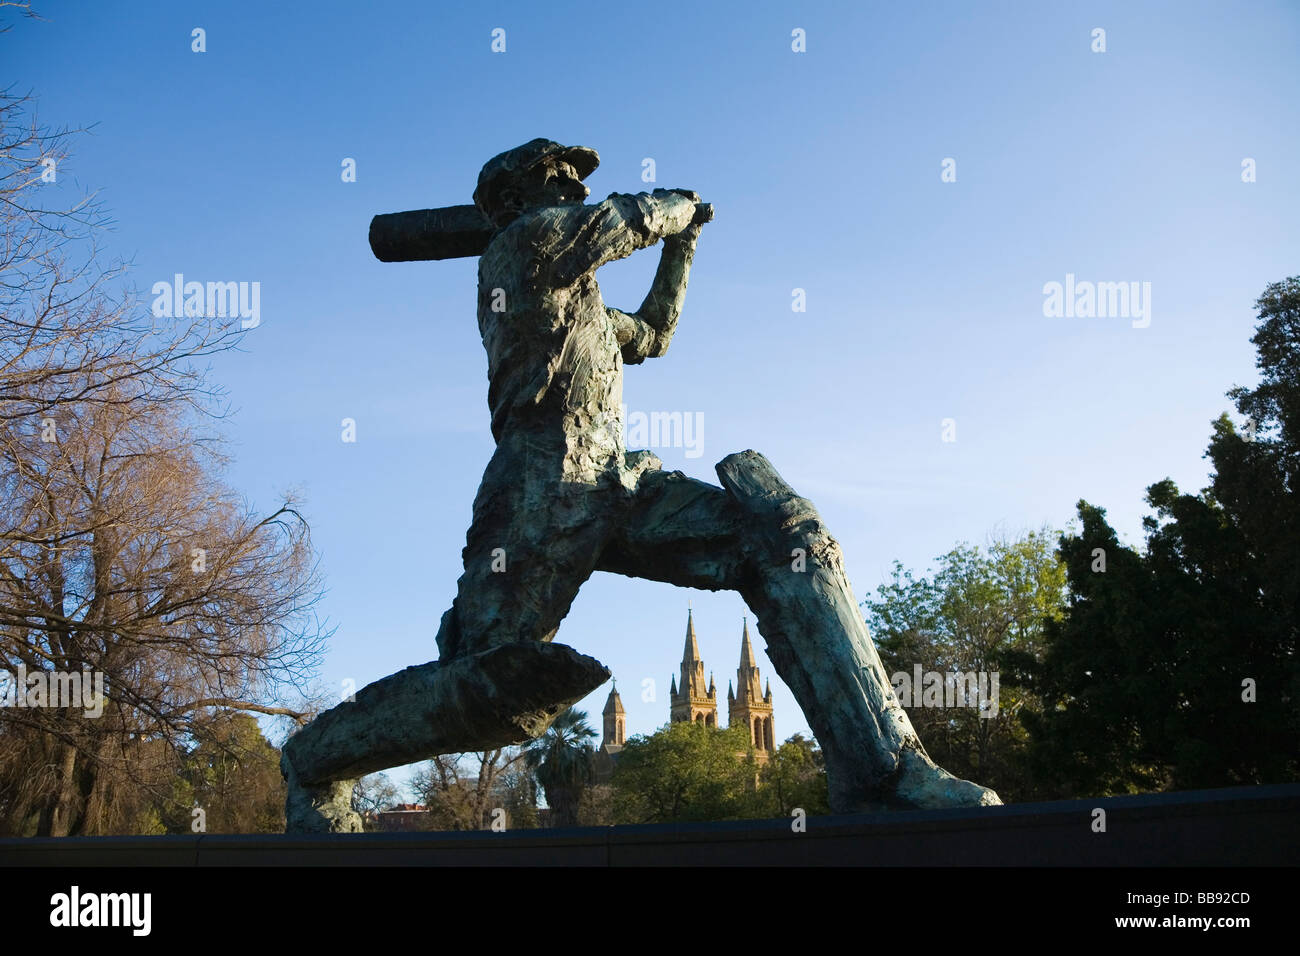 Statue des Don (Sir Donald Bradman) im Adelaide Oval in North Adelaide. Adelaide, South Australia, Australien Stockbild